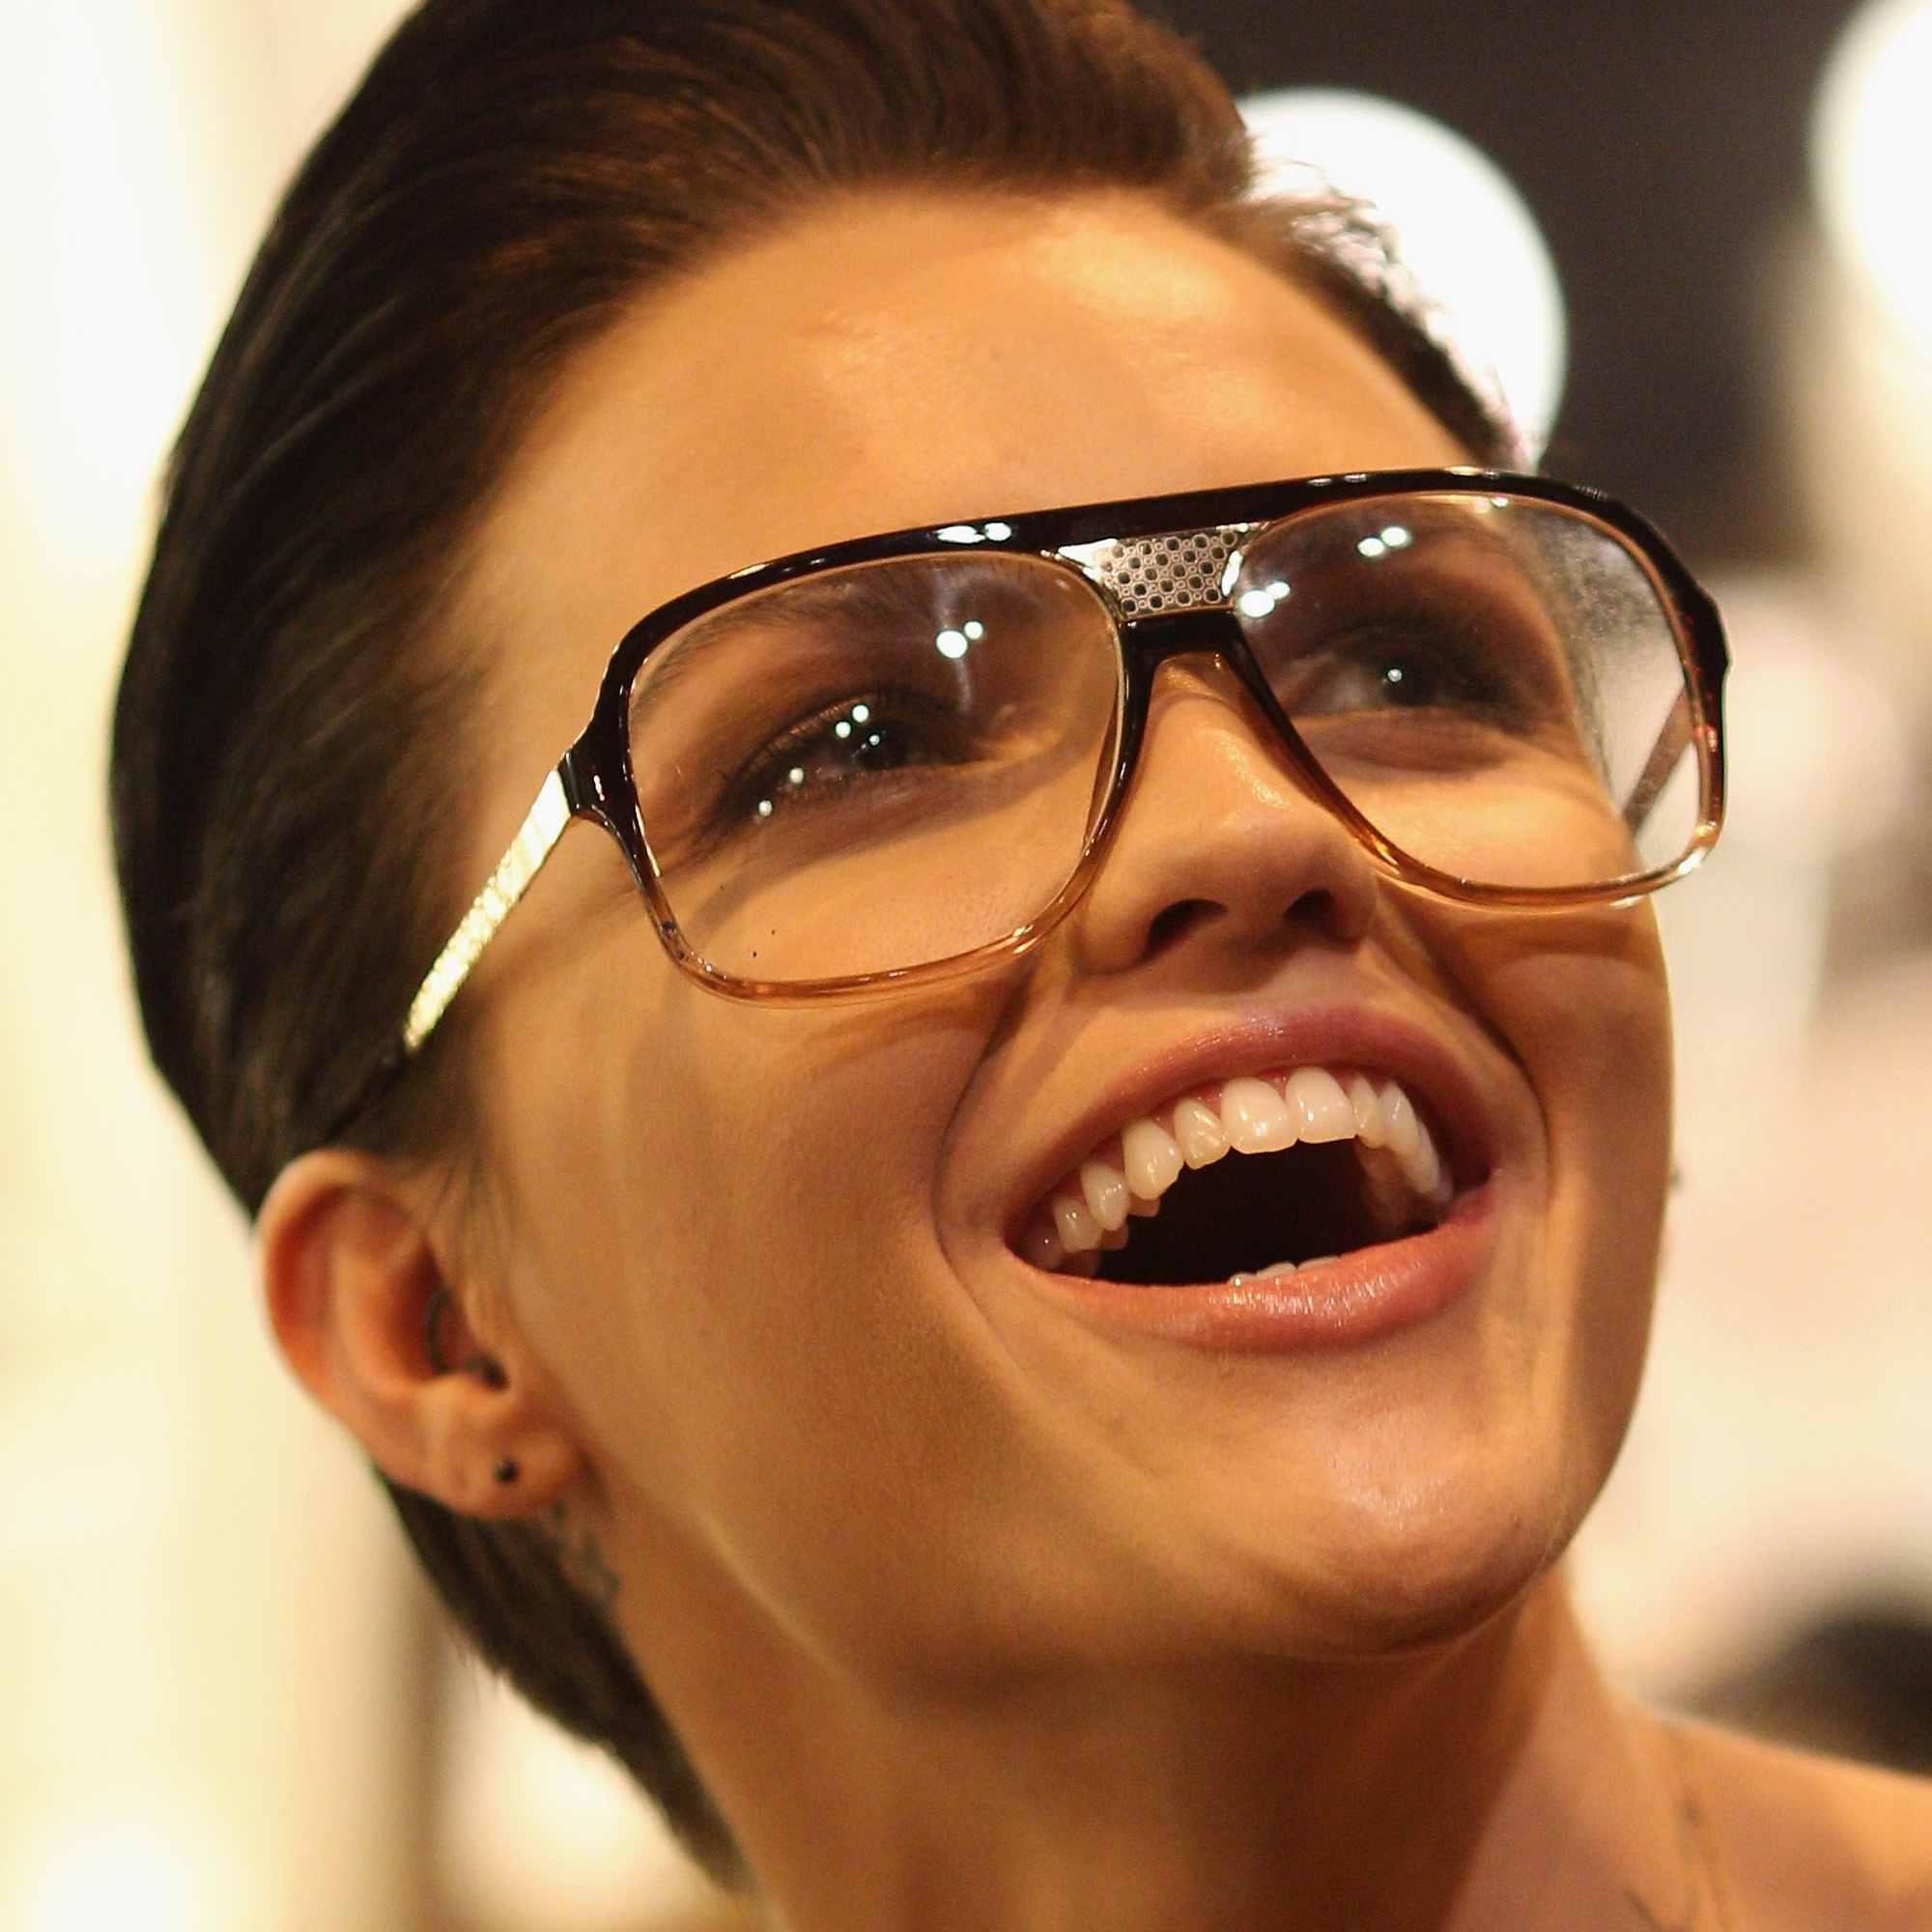 Australian model and MTV VJ Ruby Rose